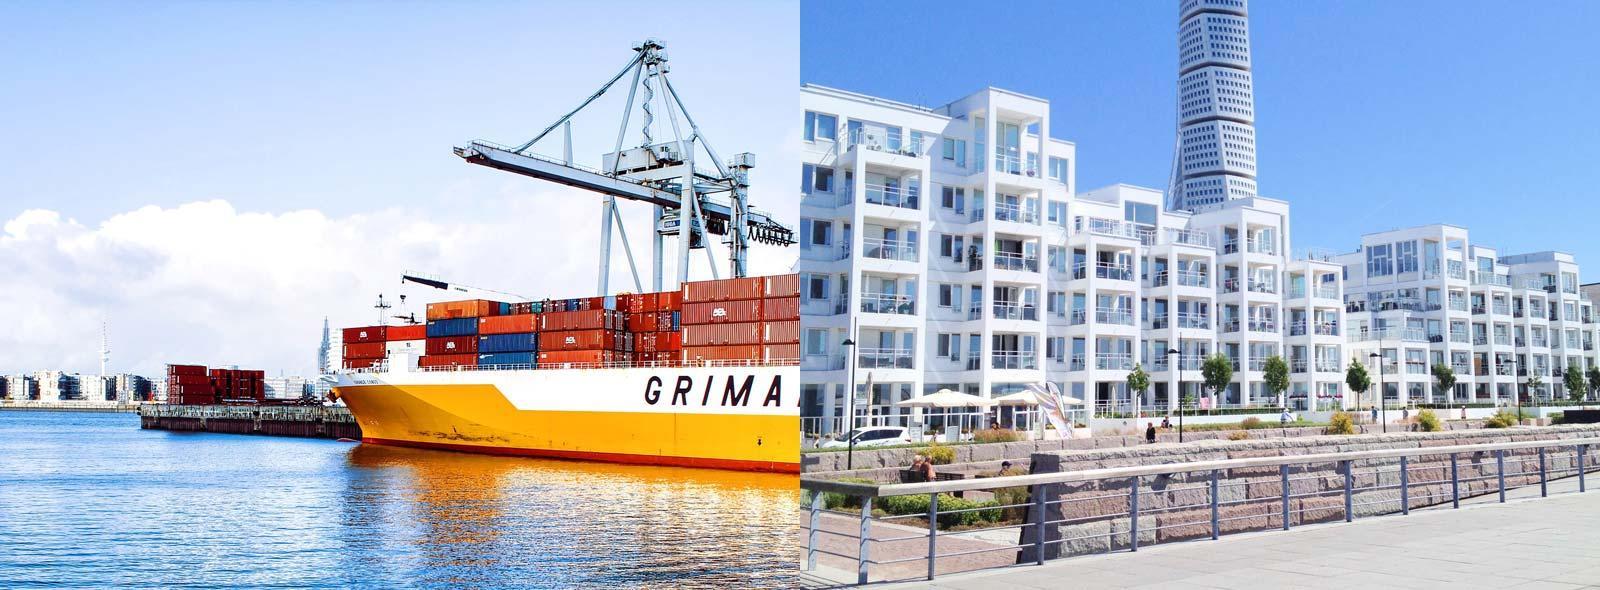 Schweden Bilder start schwedische handelskammer